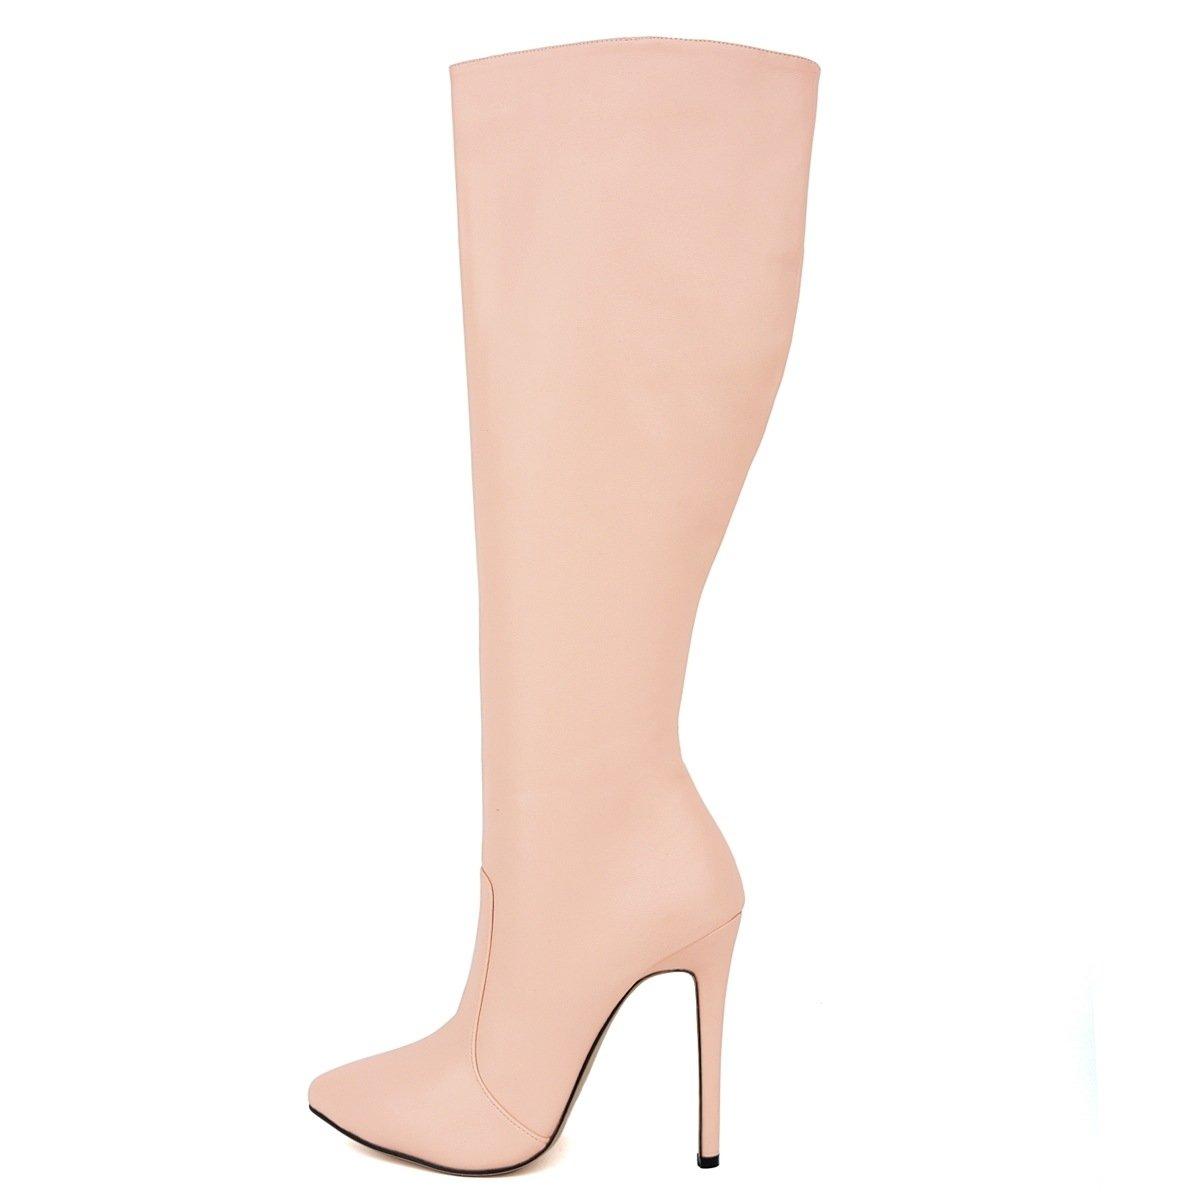 - DYF Chaussures femmes Bottes Tube Long fait Stiletto Talon Fine poudre de couleur solide,Matt,36